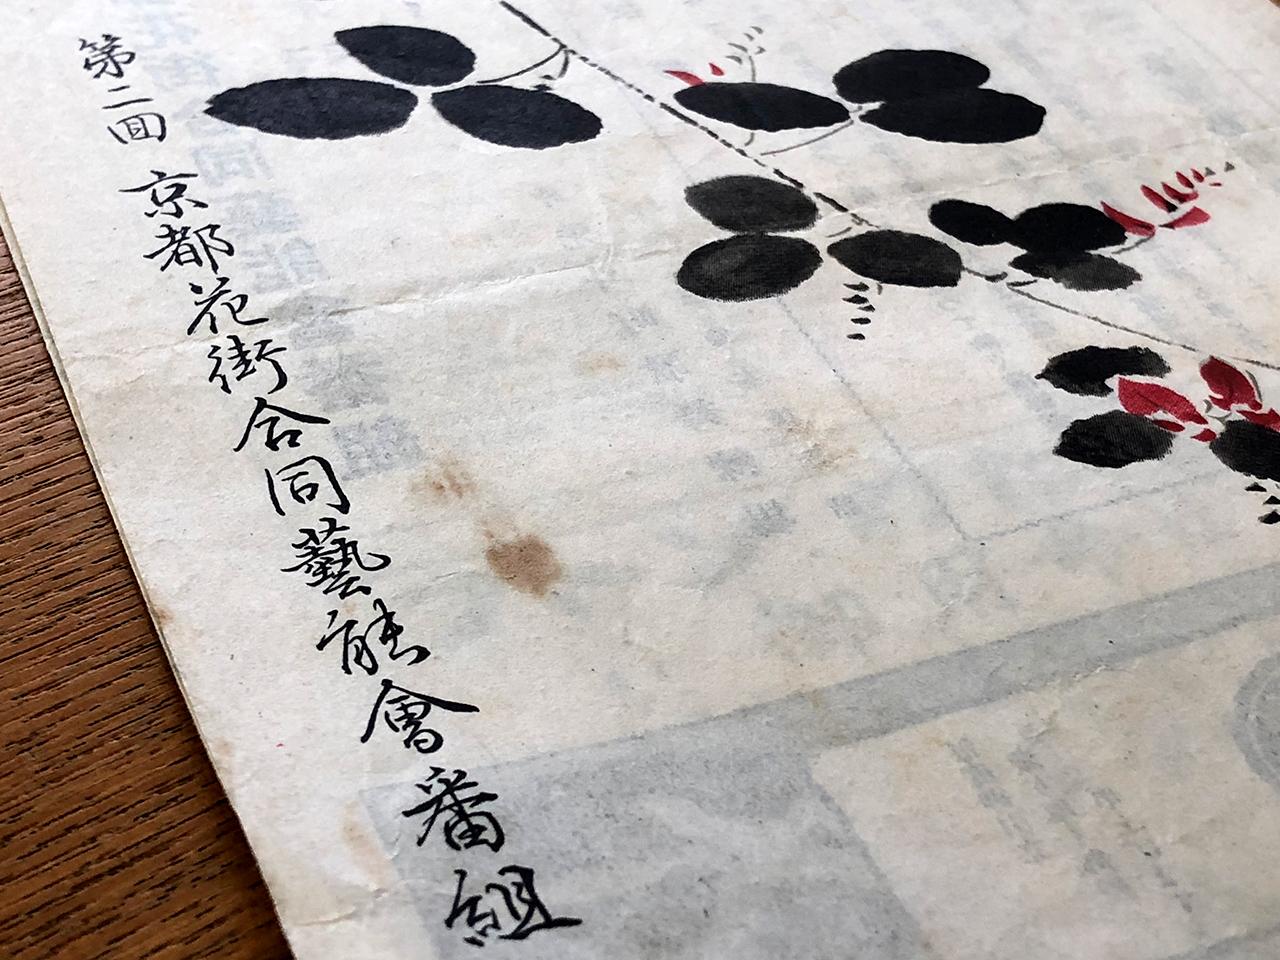 第2回京都花街合同藝能會 番組表紙アップ